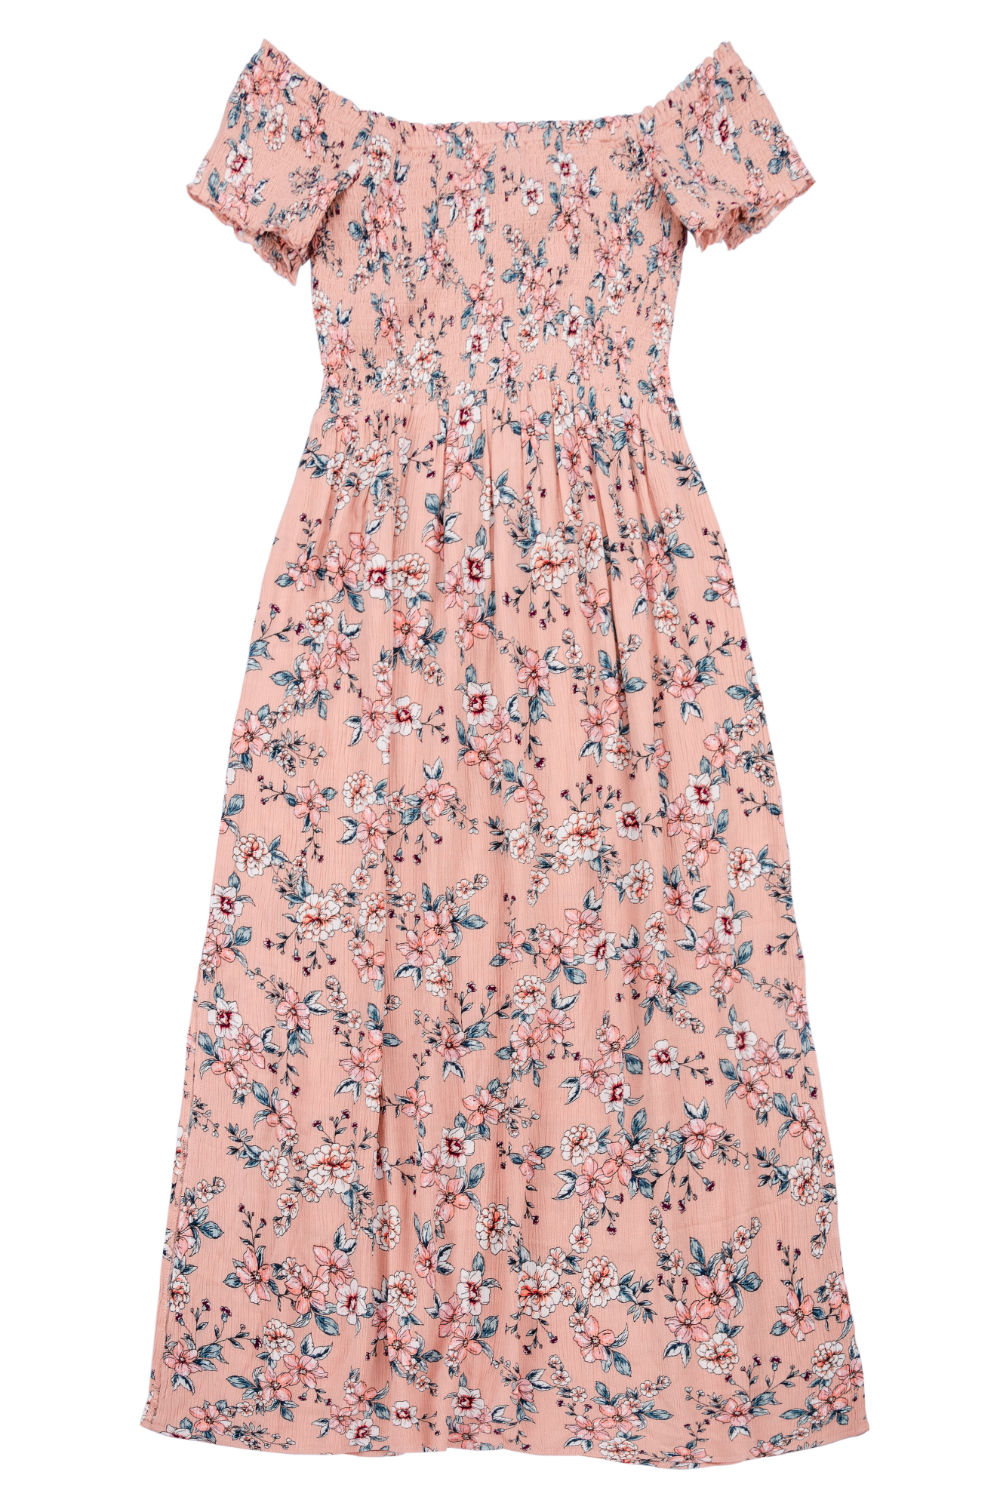 5 prendas que puedes usar en verano además de un vestido | ActitudFem